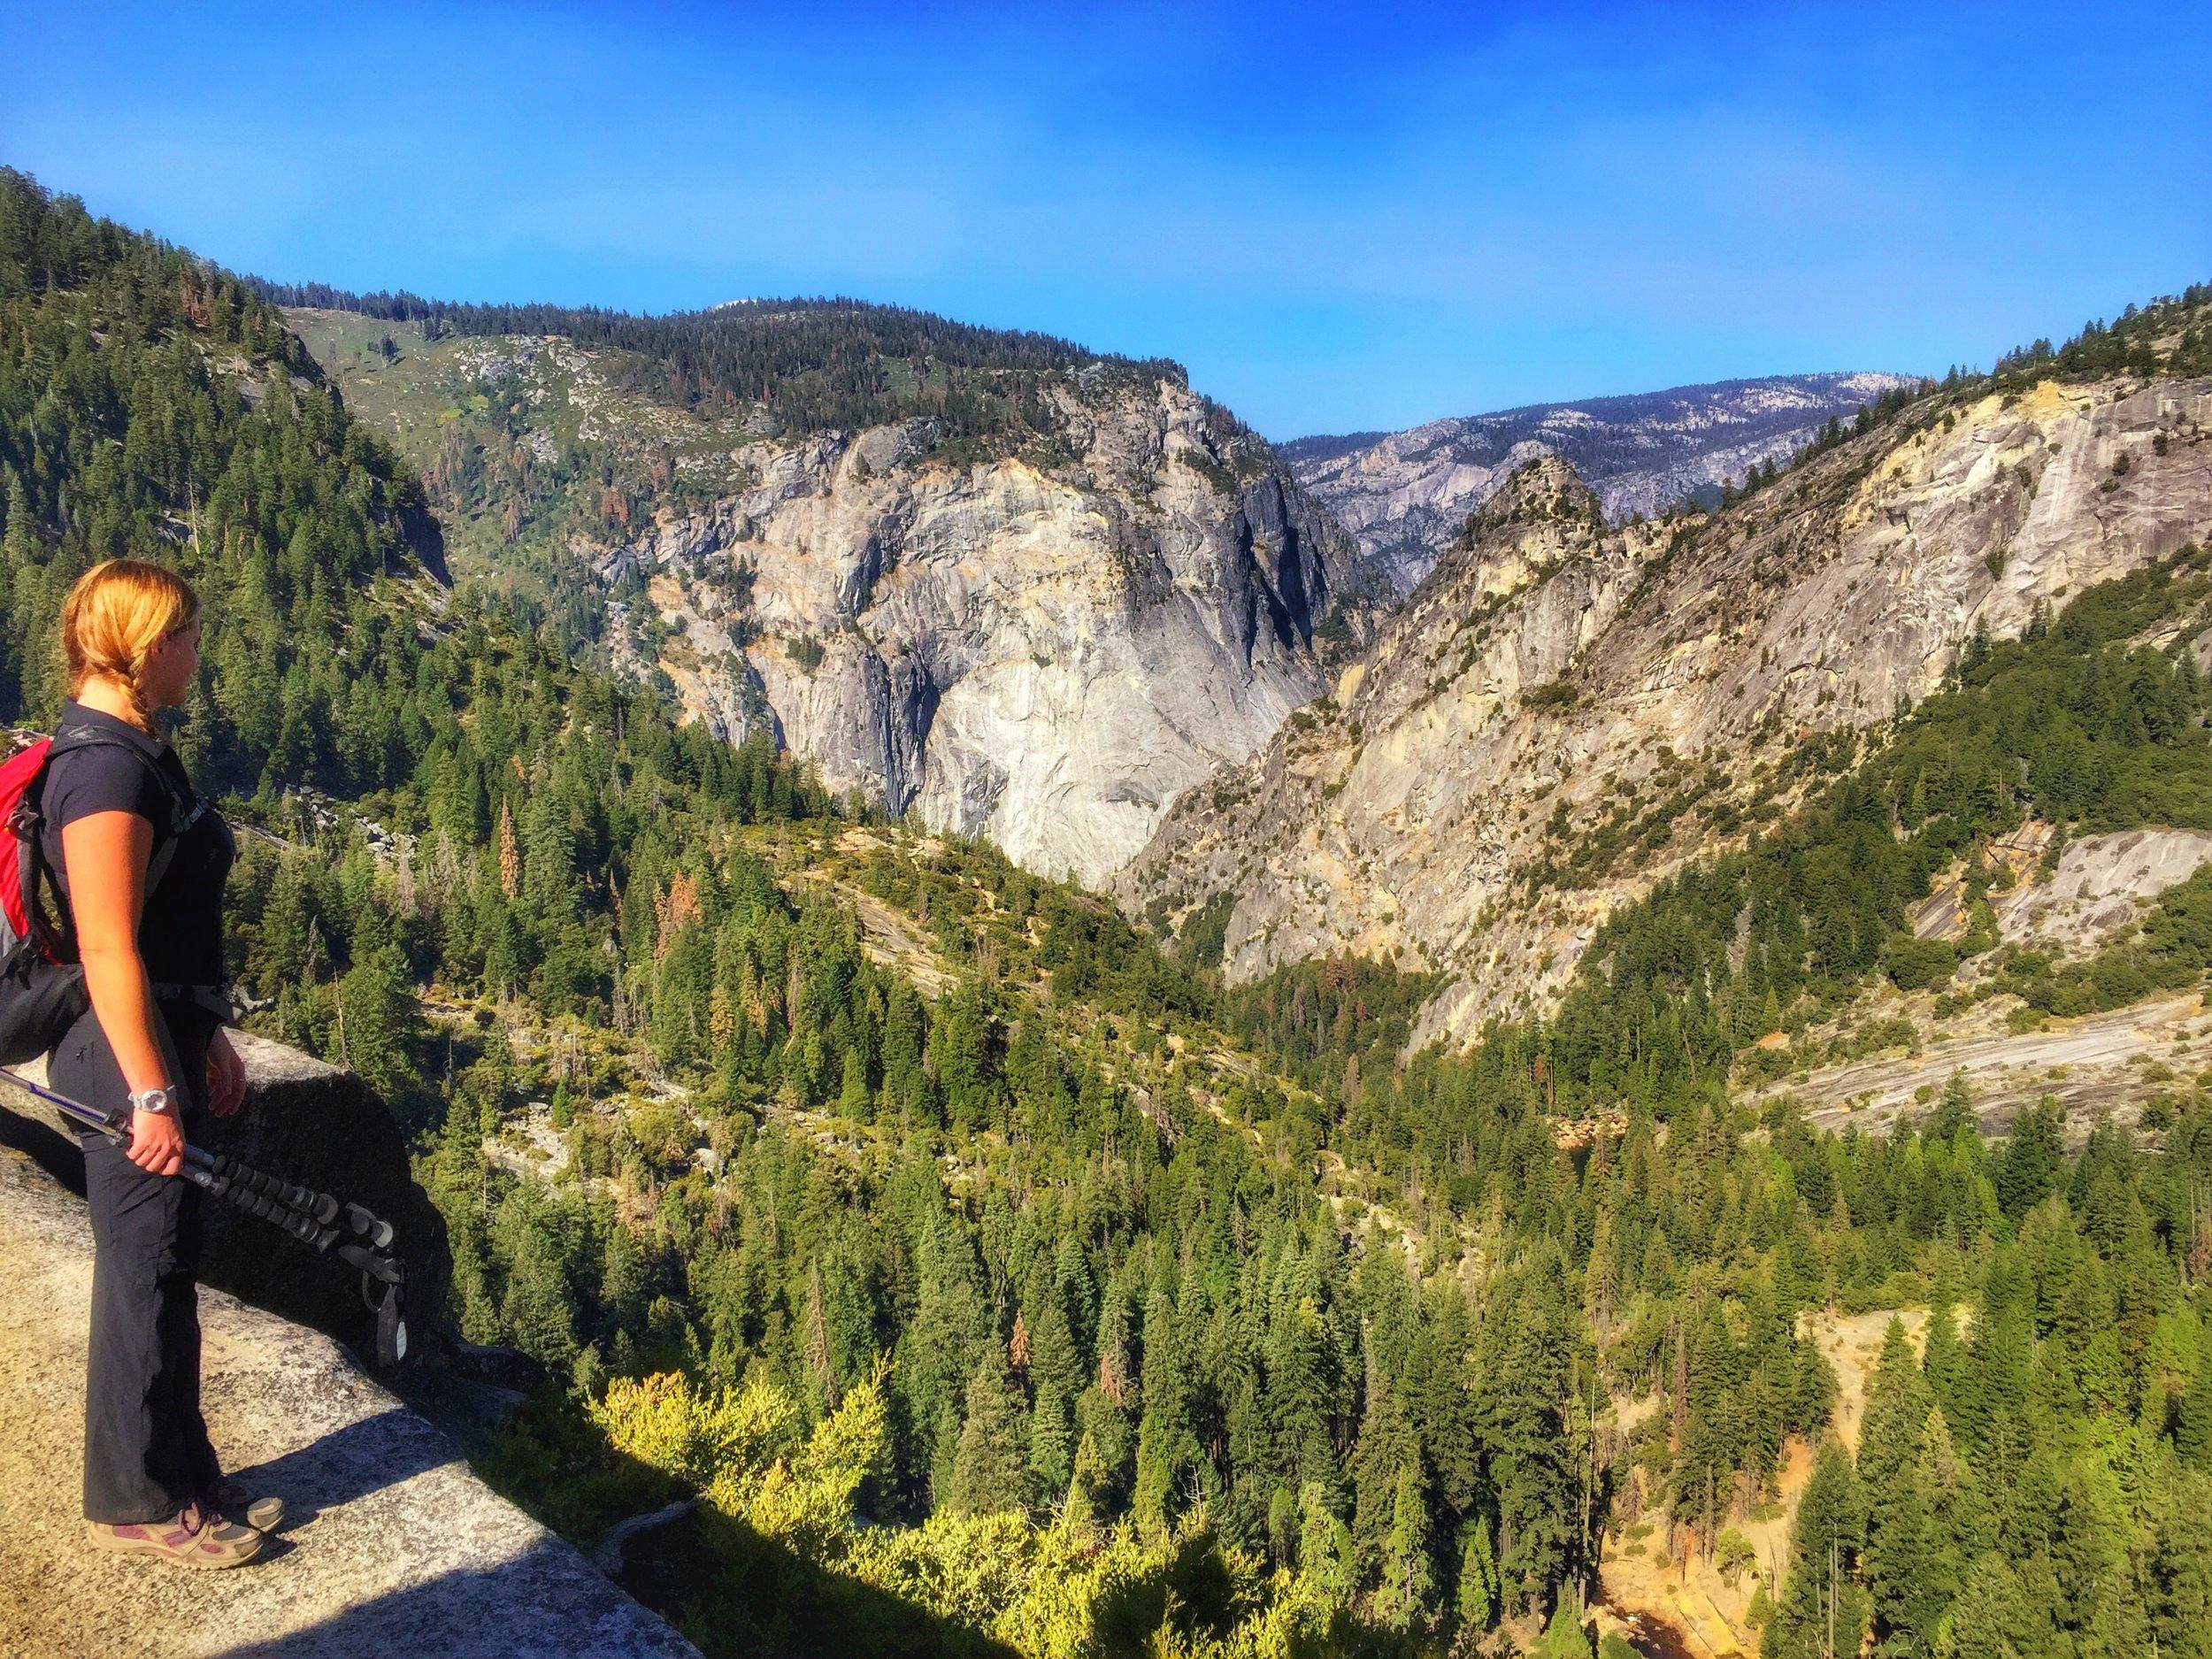 deciding where to hike off too next